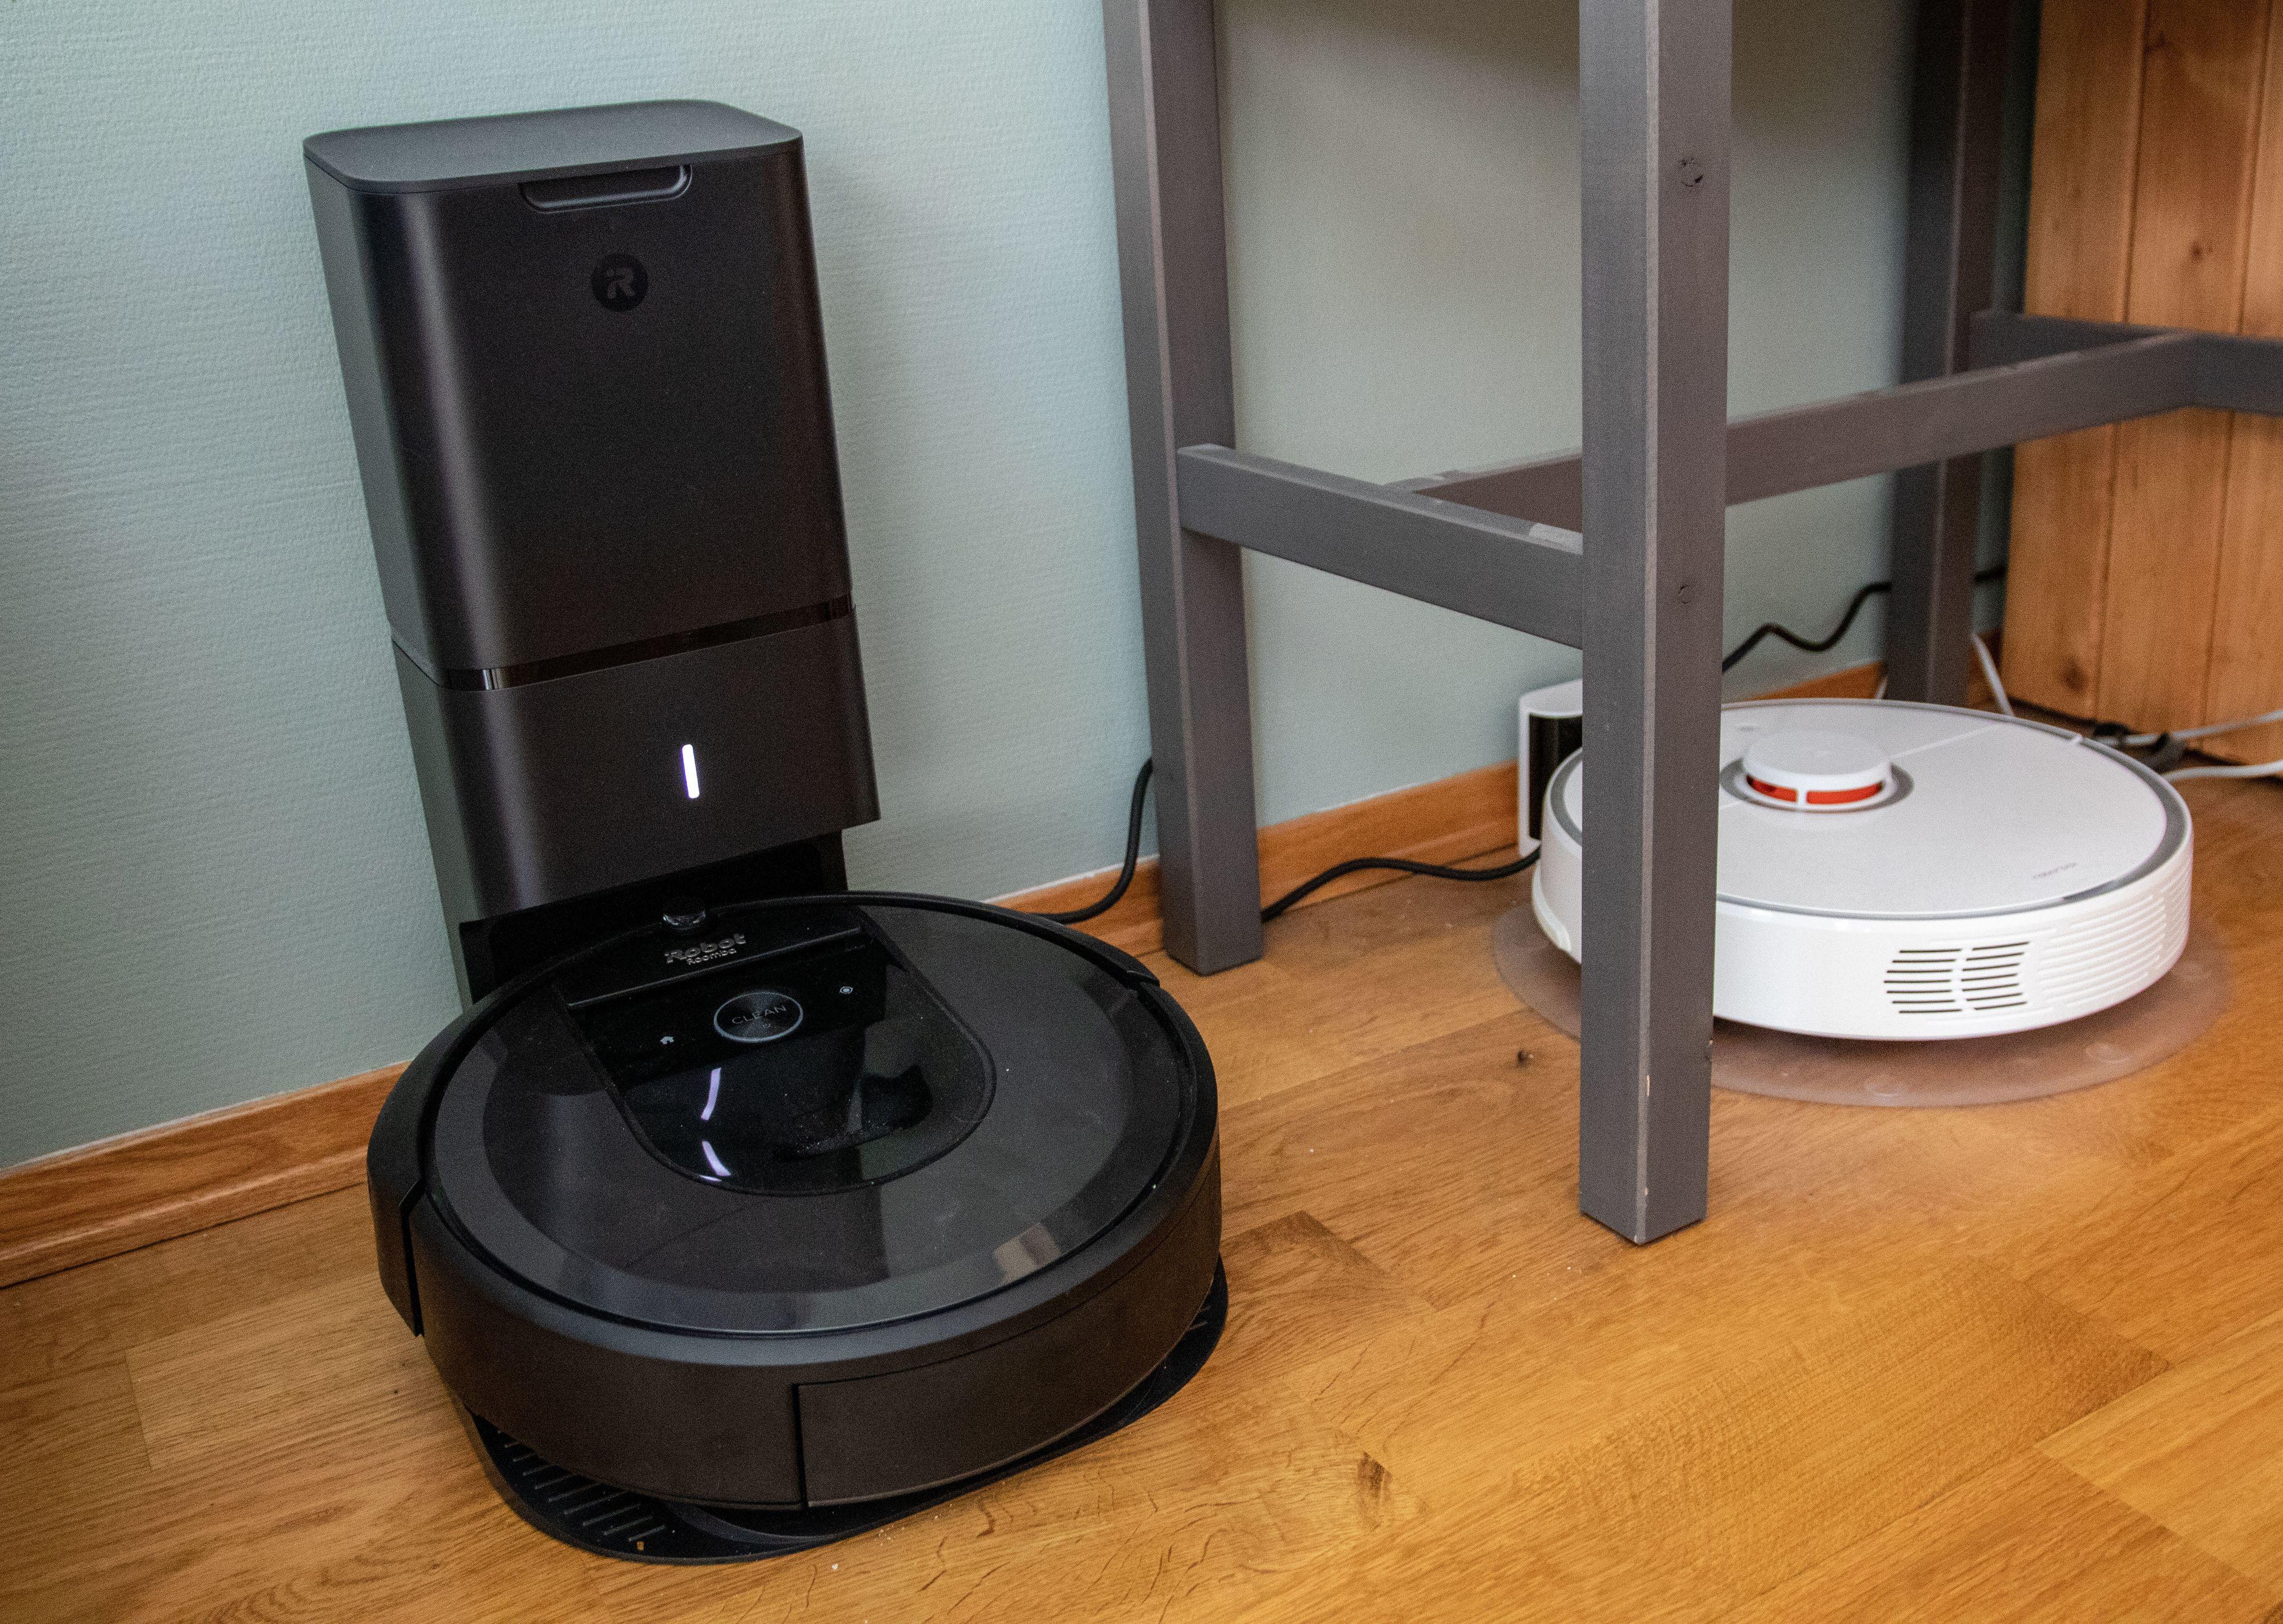 Ladestasjonen til iRobot Roomba i7+ er enorm, fordi den har en innebygd støvsuger til å suge ut alt smuss fra robotstøvsugeren. Her ved siden av den langt mindre ladestasjonen til Xiaomi RoboRock s50.